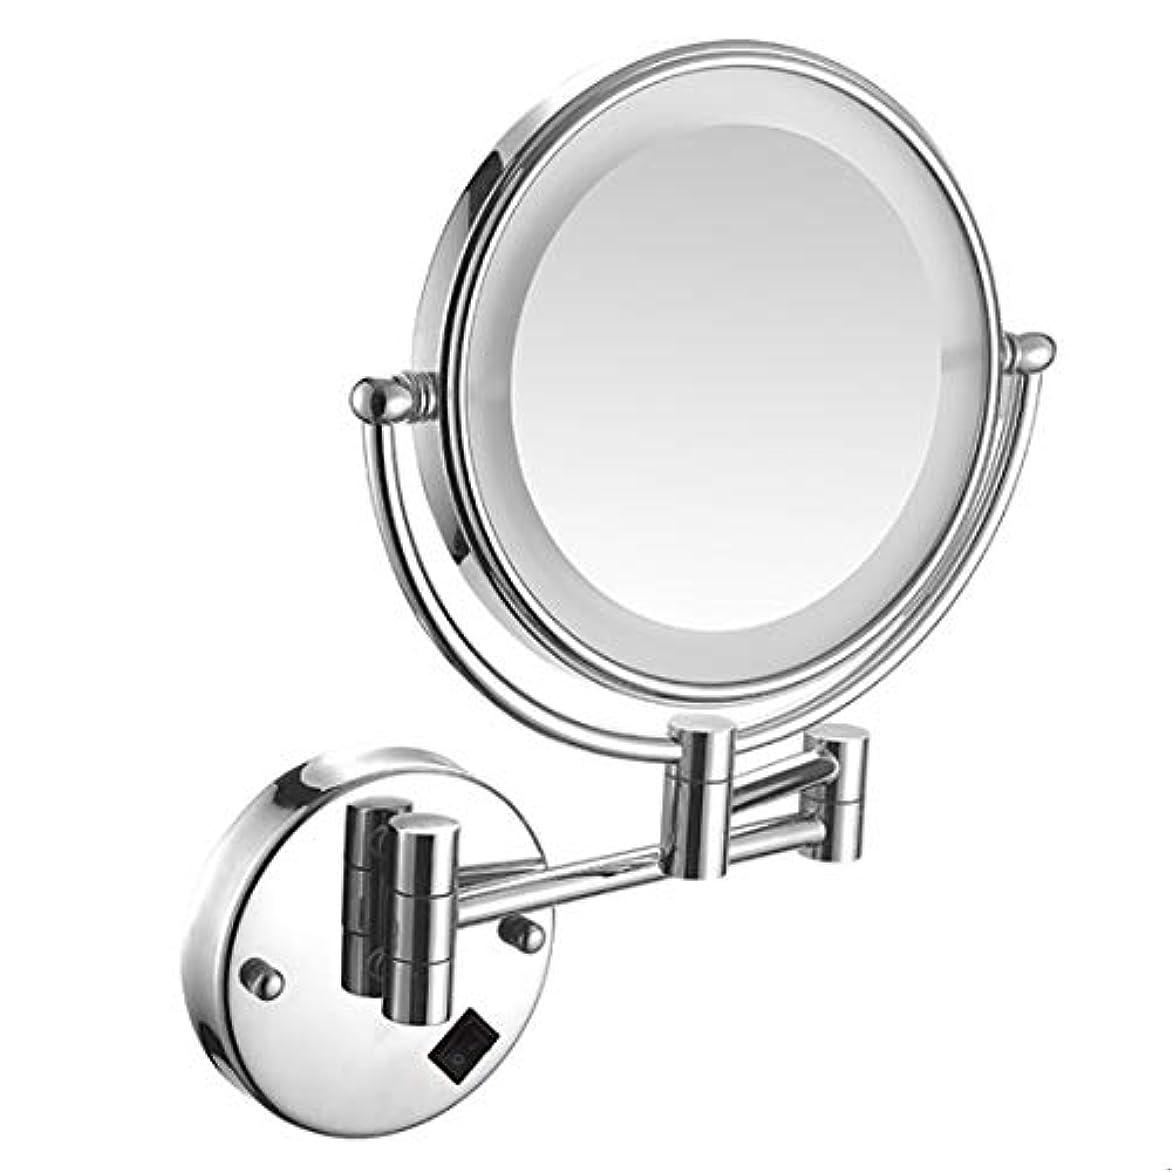 蓮ポット長いですウォールマウントLED照明付きメイクアップミラー3X拡大鏡USB充電式化粧品ミラー360°スイベル拡張可能な両面浴室用化粧鏡